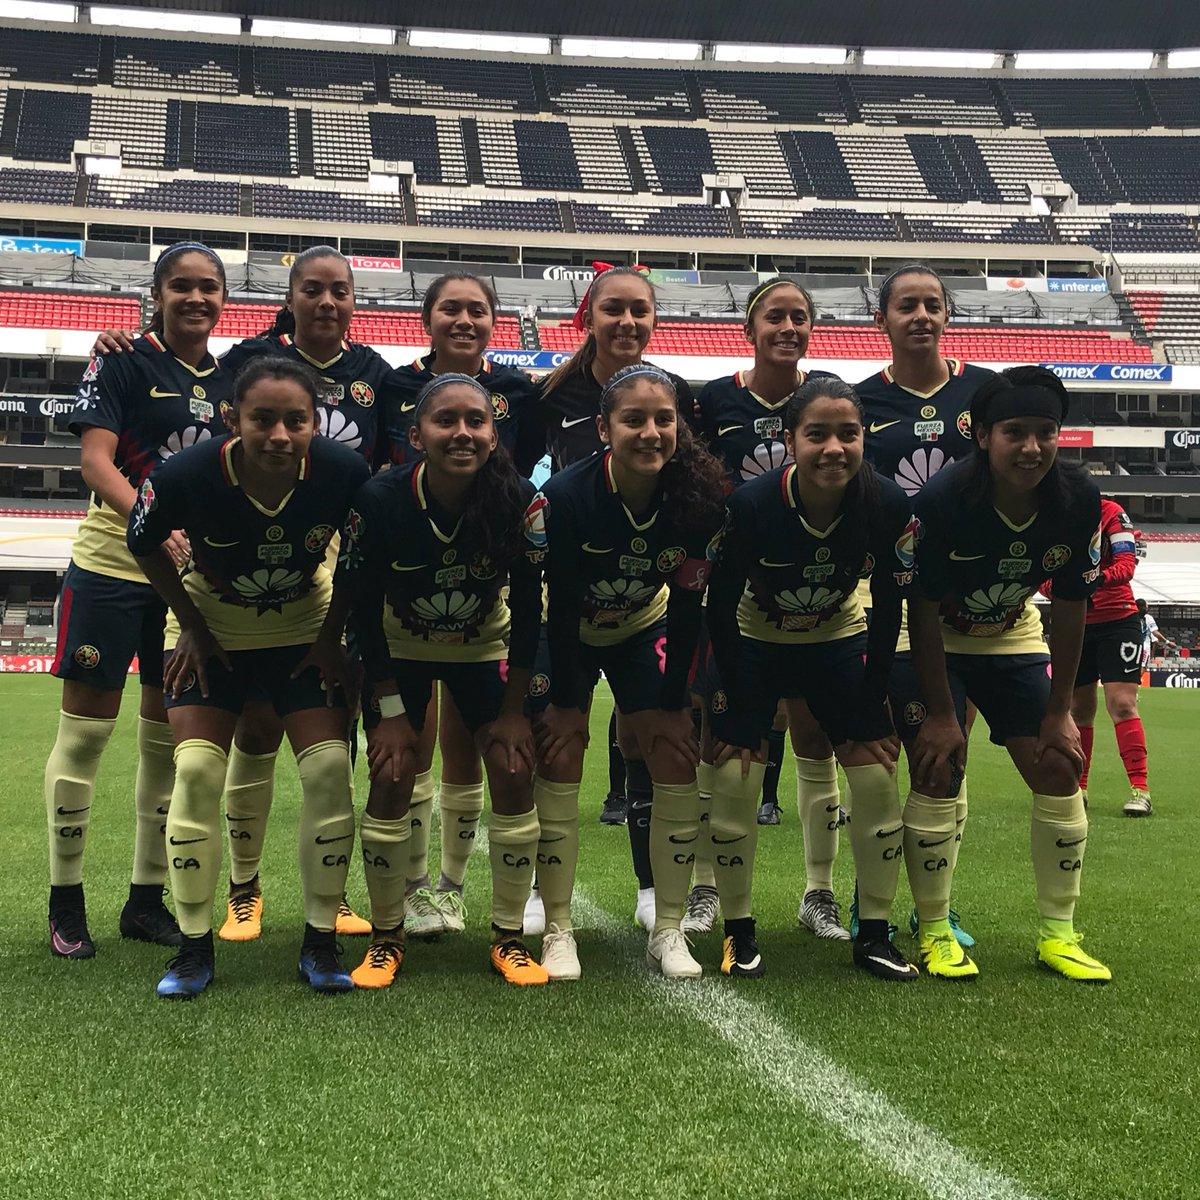 América quiere mantener el liderato del Grupo 1 de la Liga Femenil